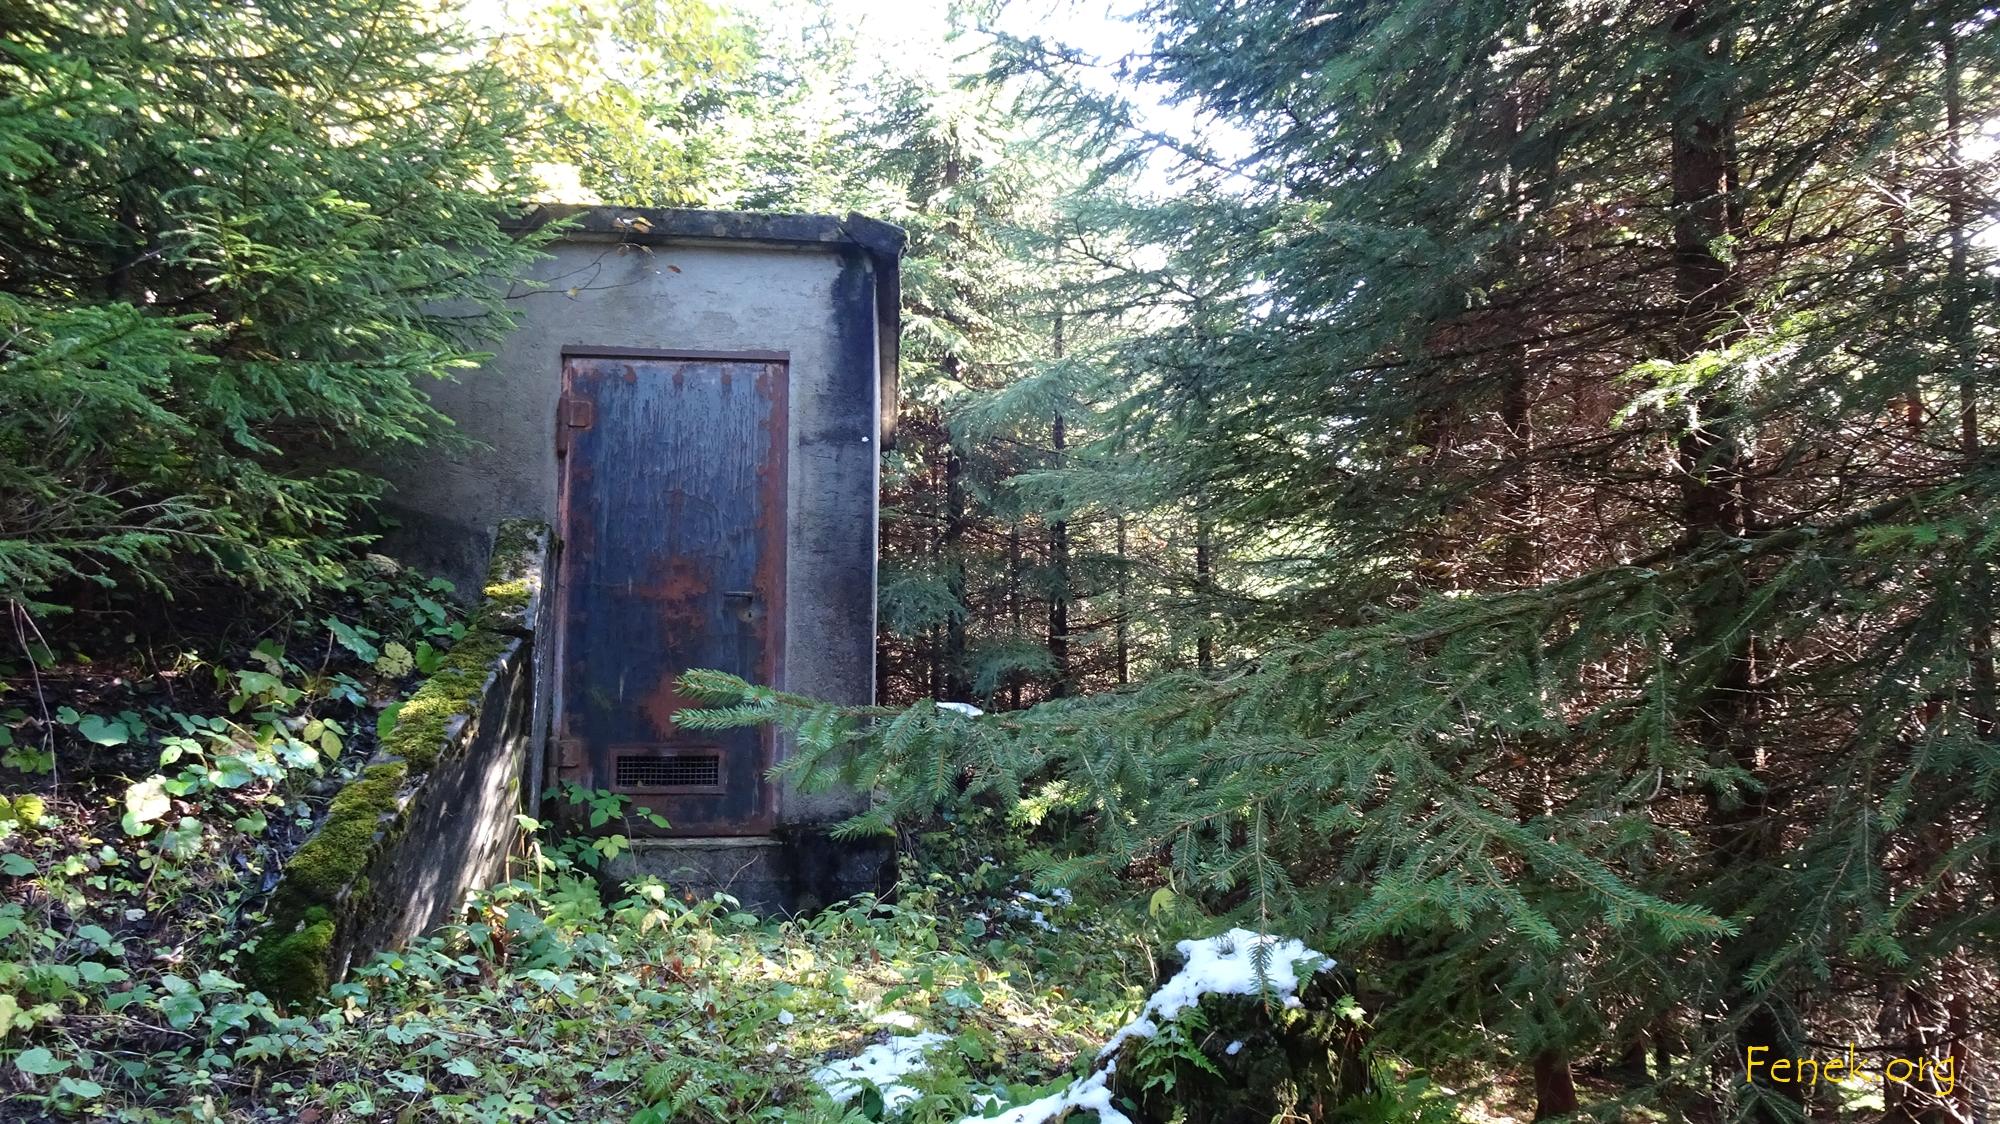 Wasserfassung im Wald